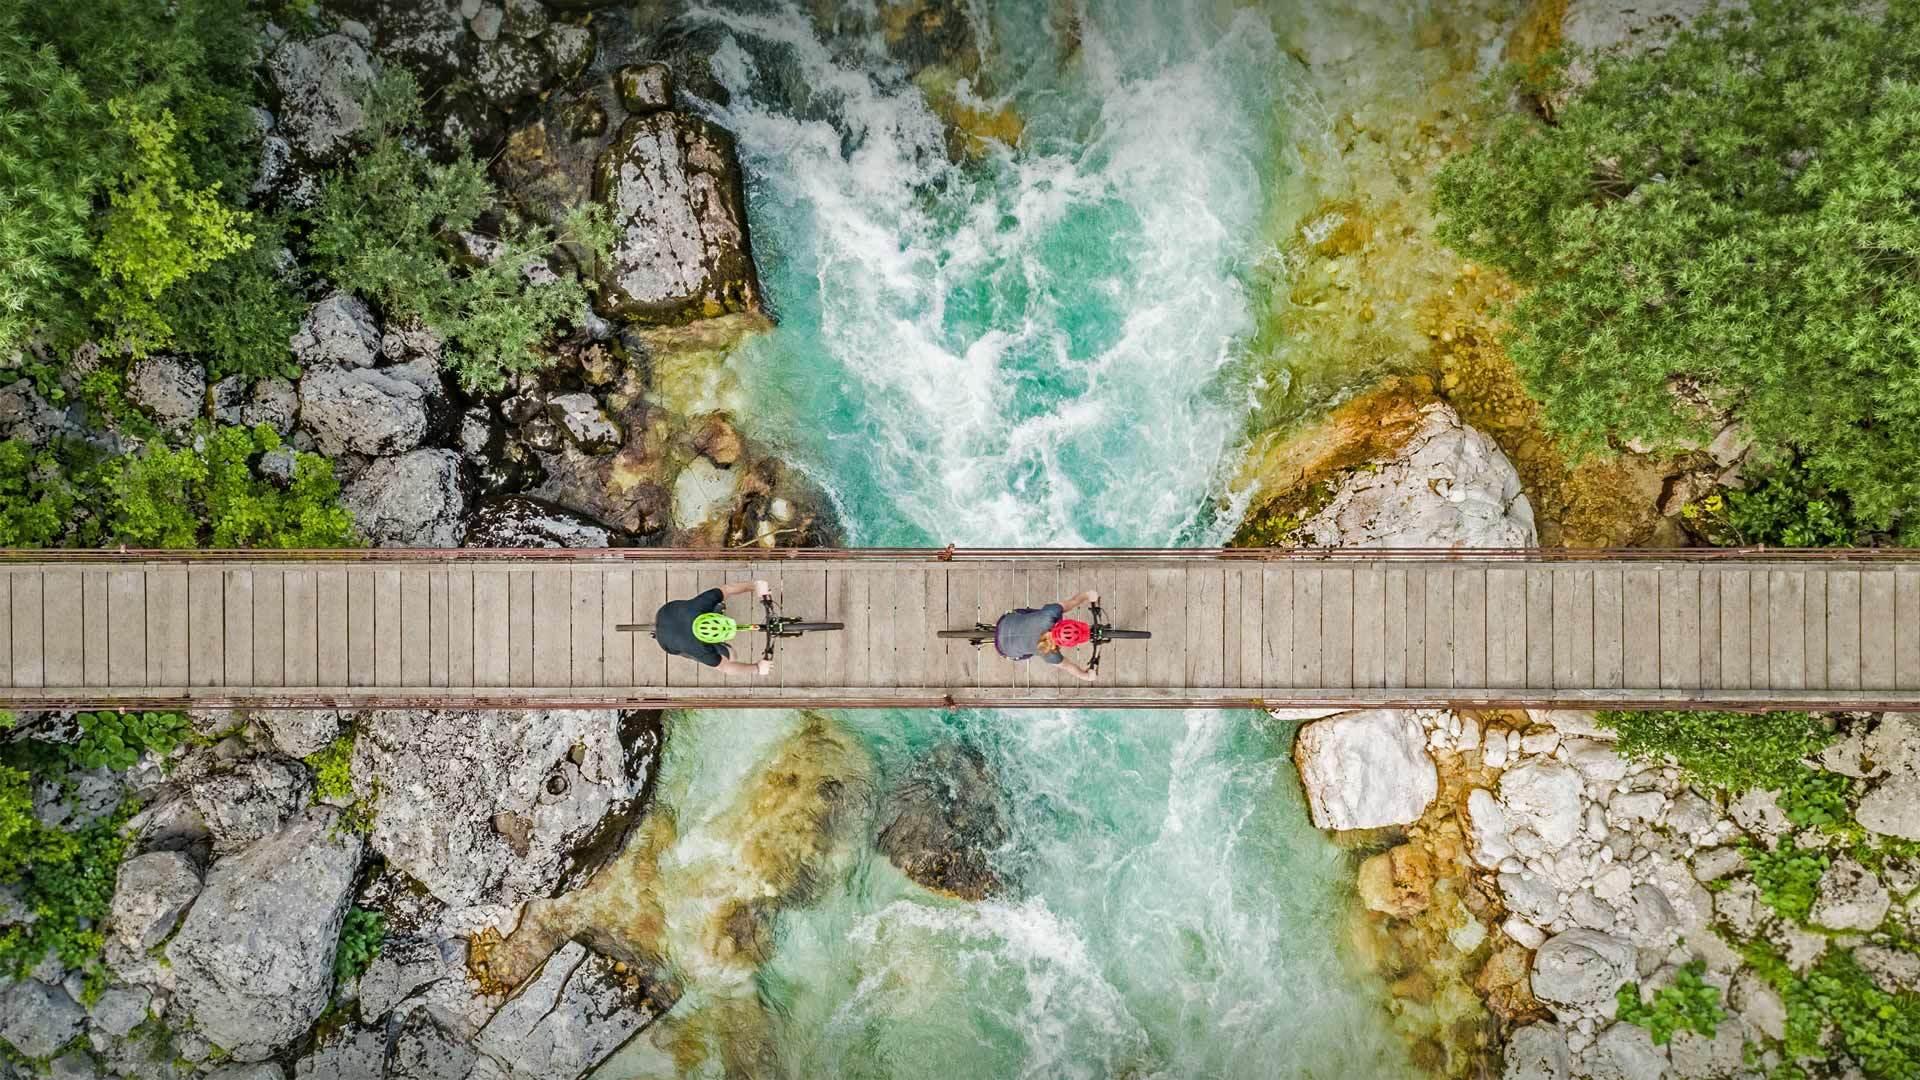 斯洛文尼亚索奇河上的木制吊桥上骑自行车的人的鸟瞰图 斯洛文尼亚索奇河